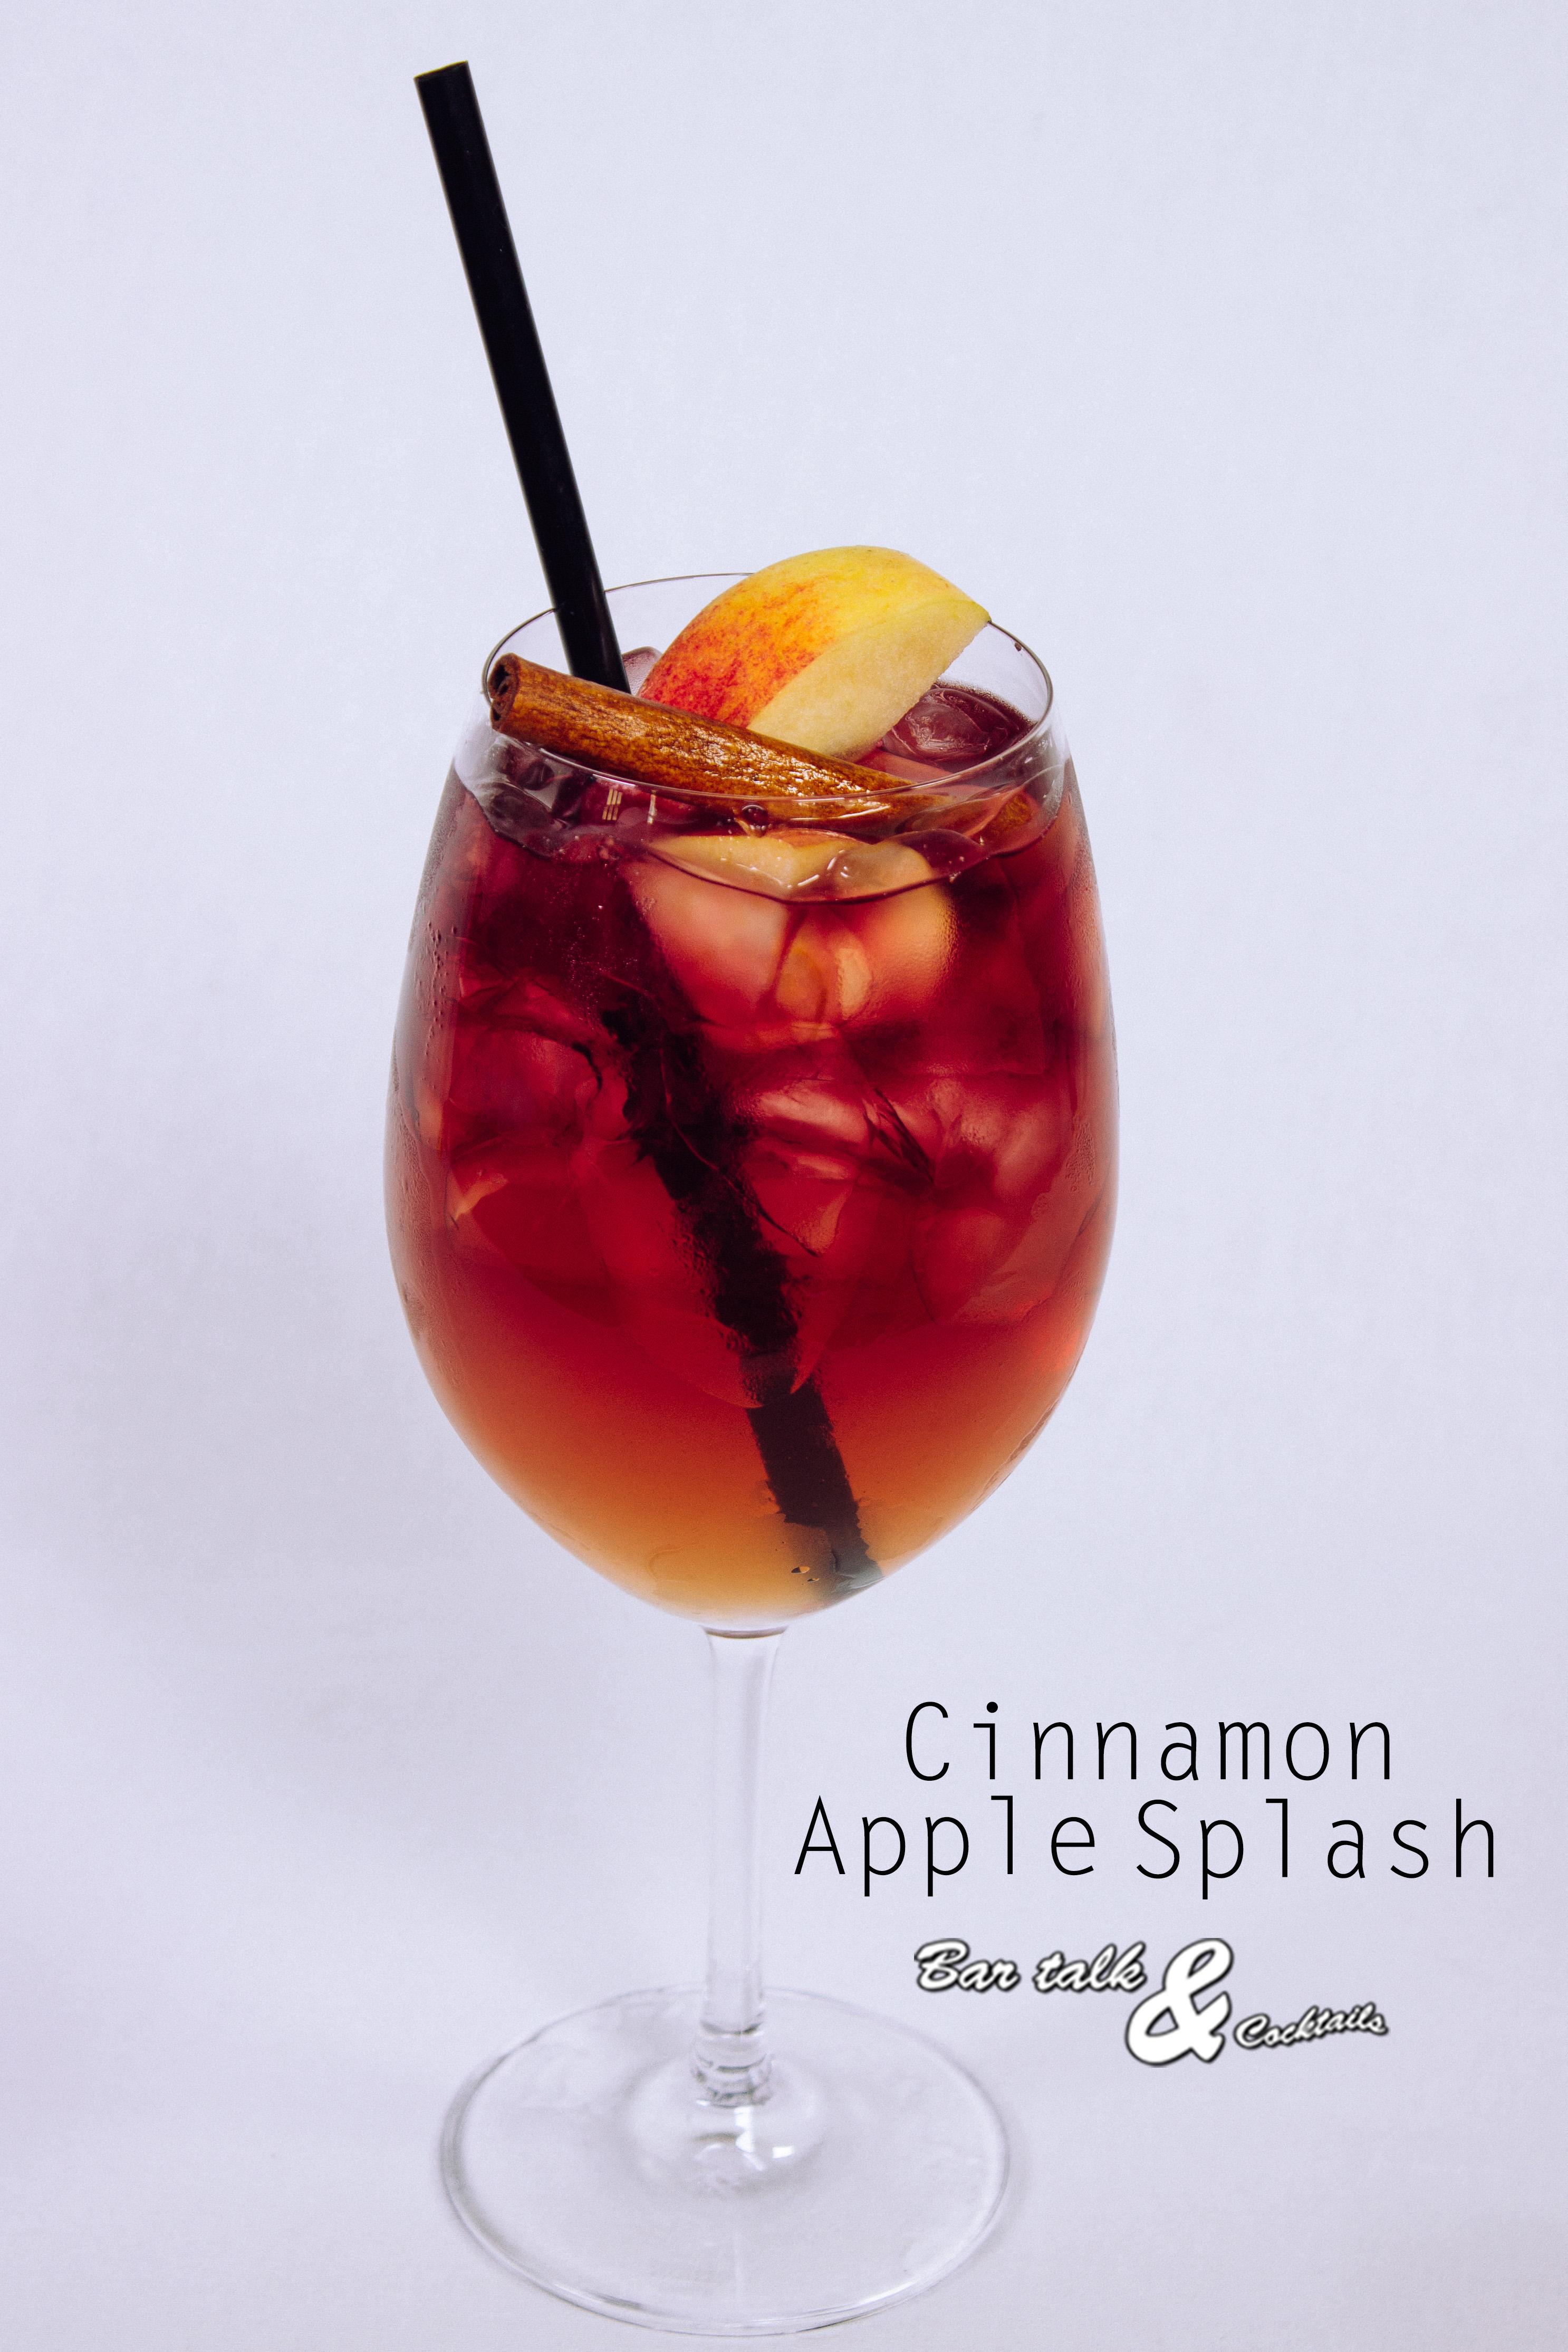 CinnamonAppleSplash